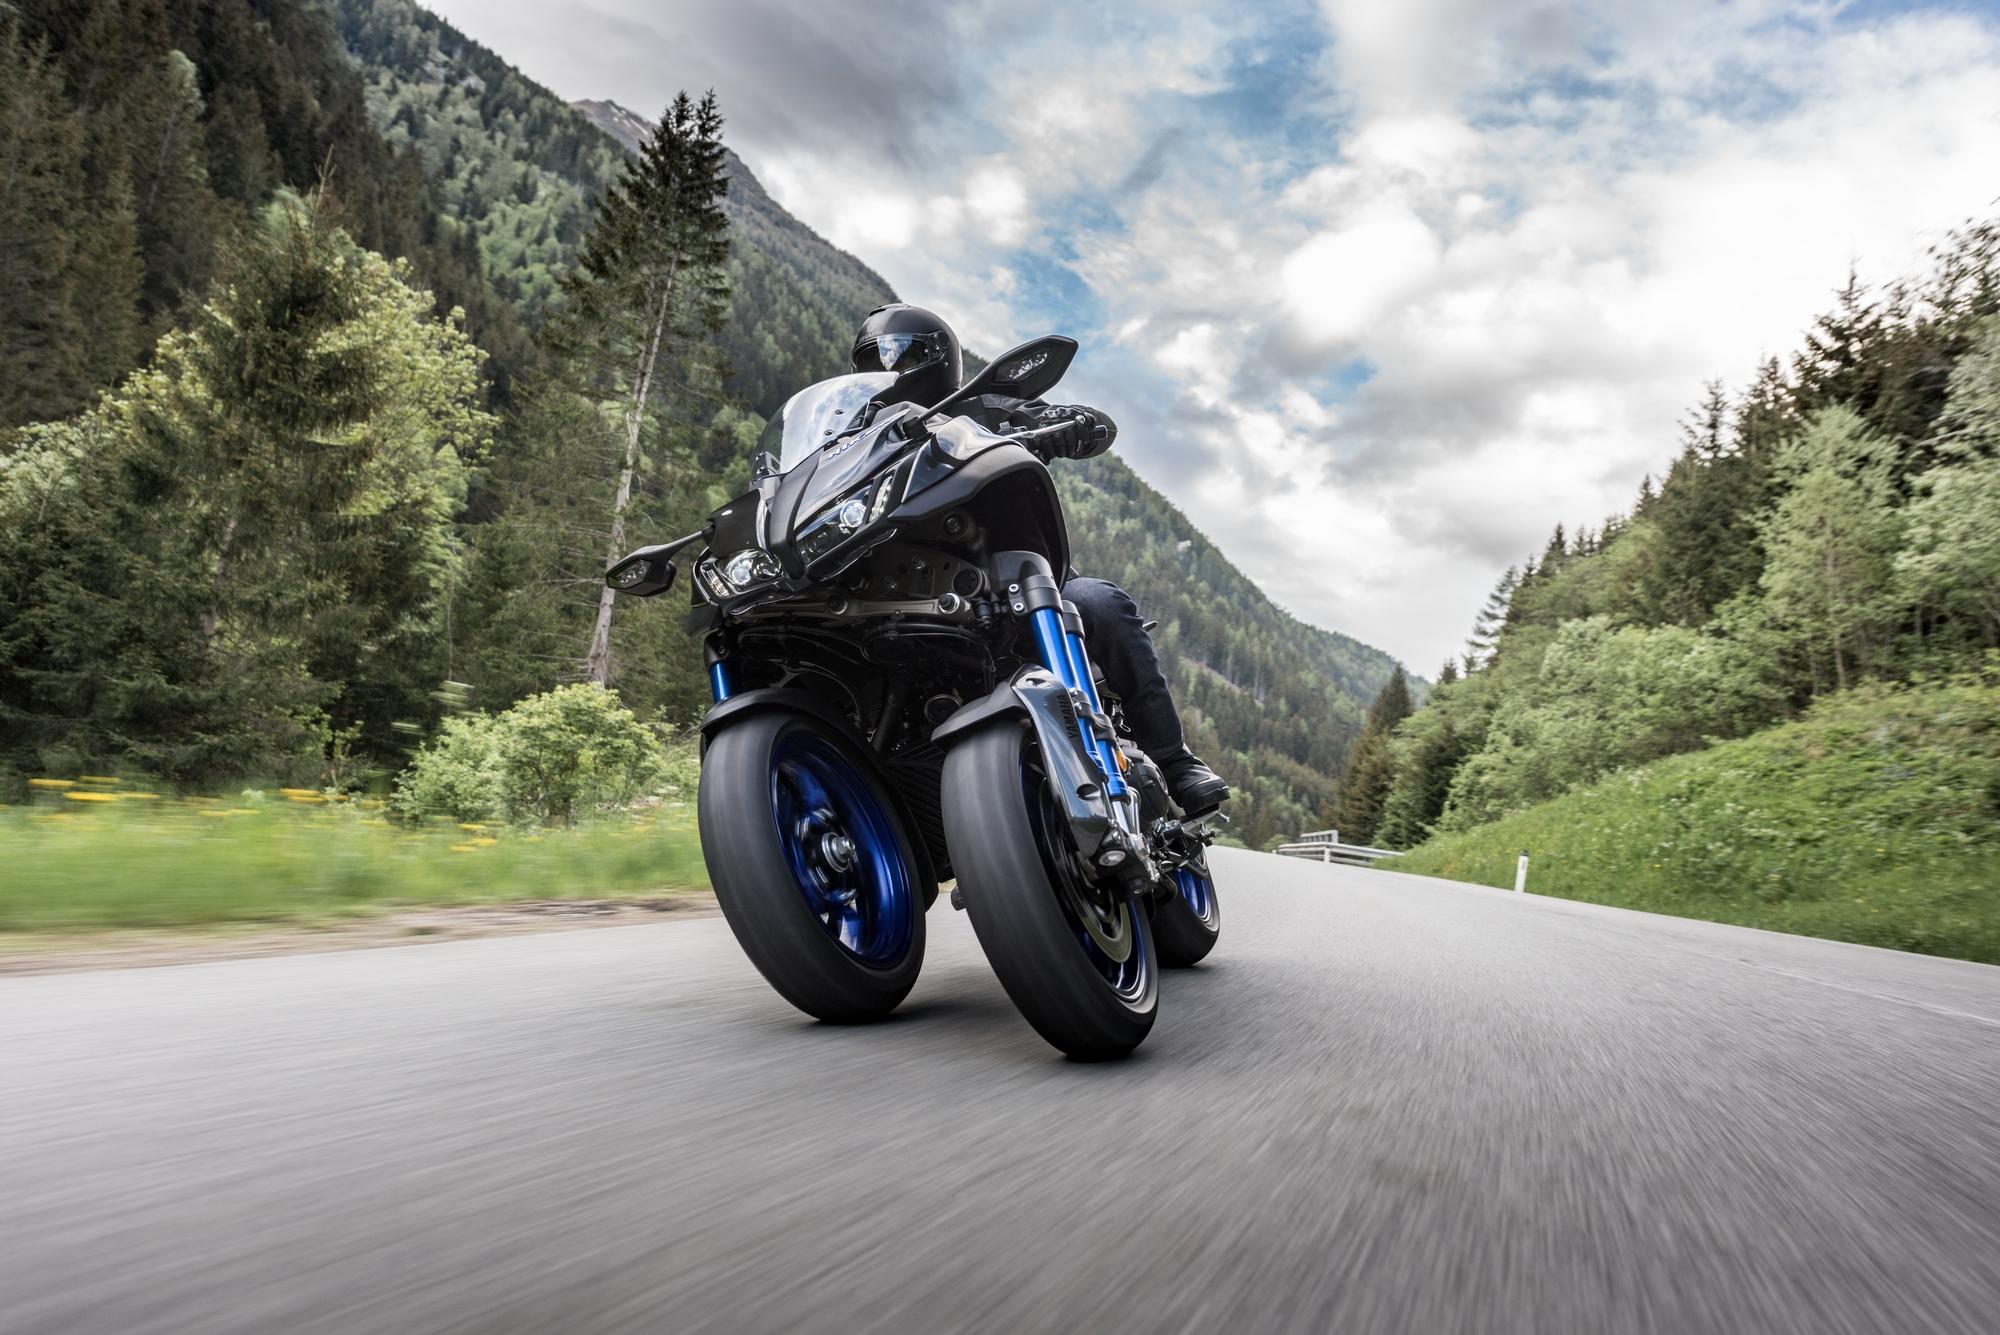 2019-Yamaha-LMWTR-EU-Graphite-Action-001